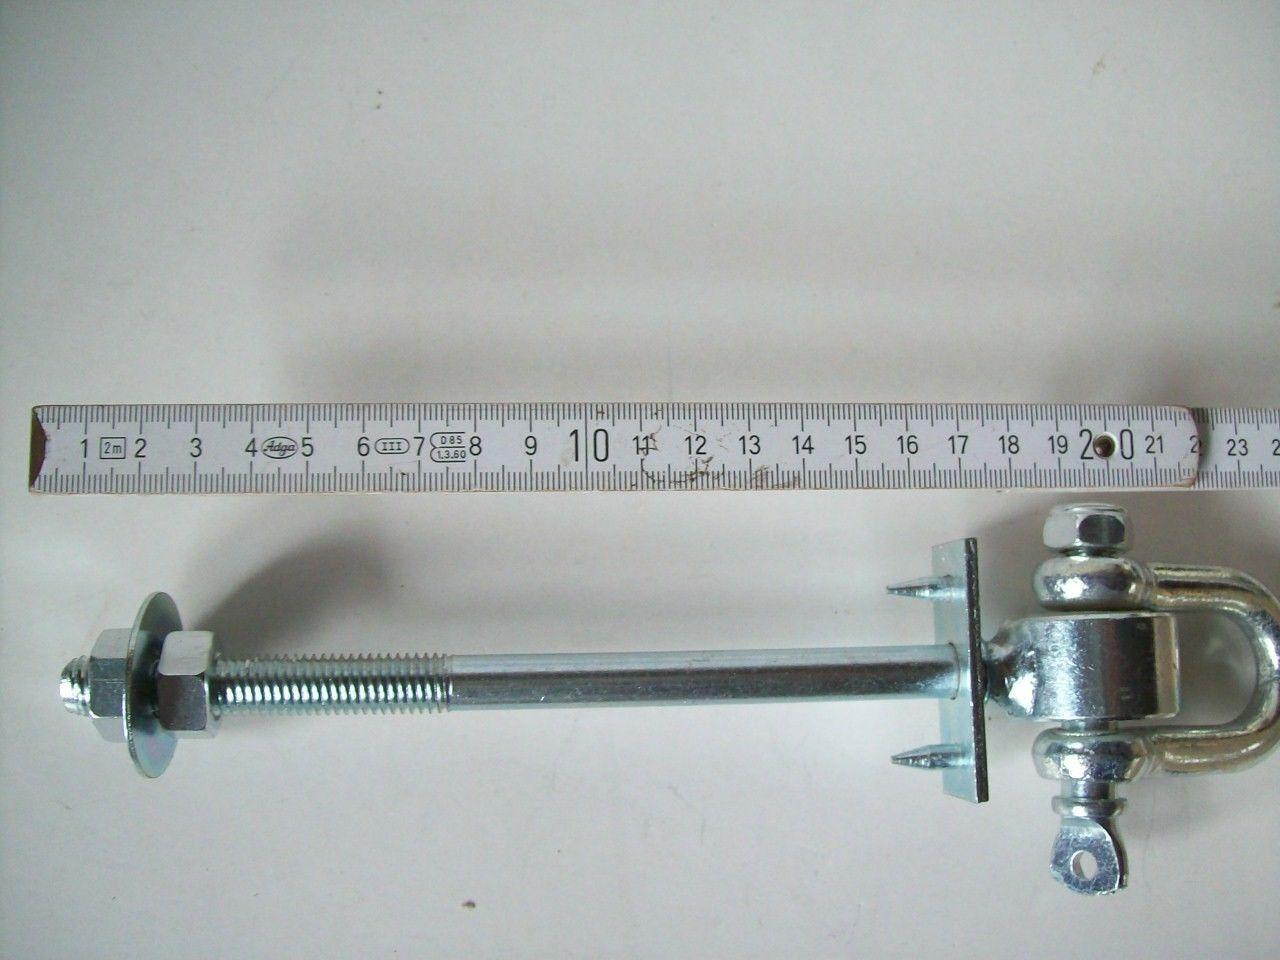 Schaukelhaken Schaukel 170 170 170 mm M12 Haken Sicherheitsschaukelhaken 160 verzinkt 17 916b4f